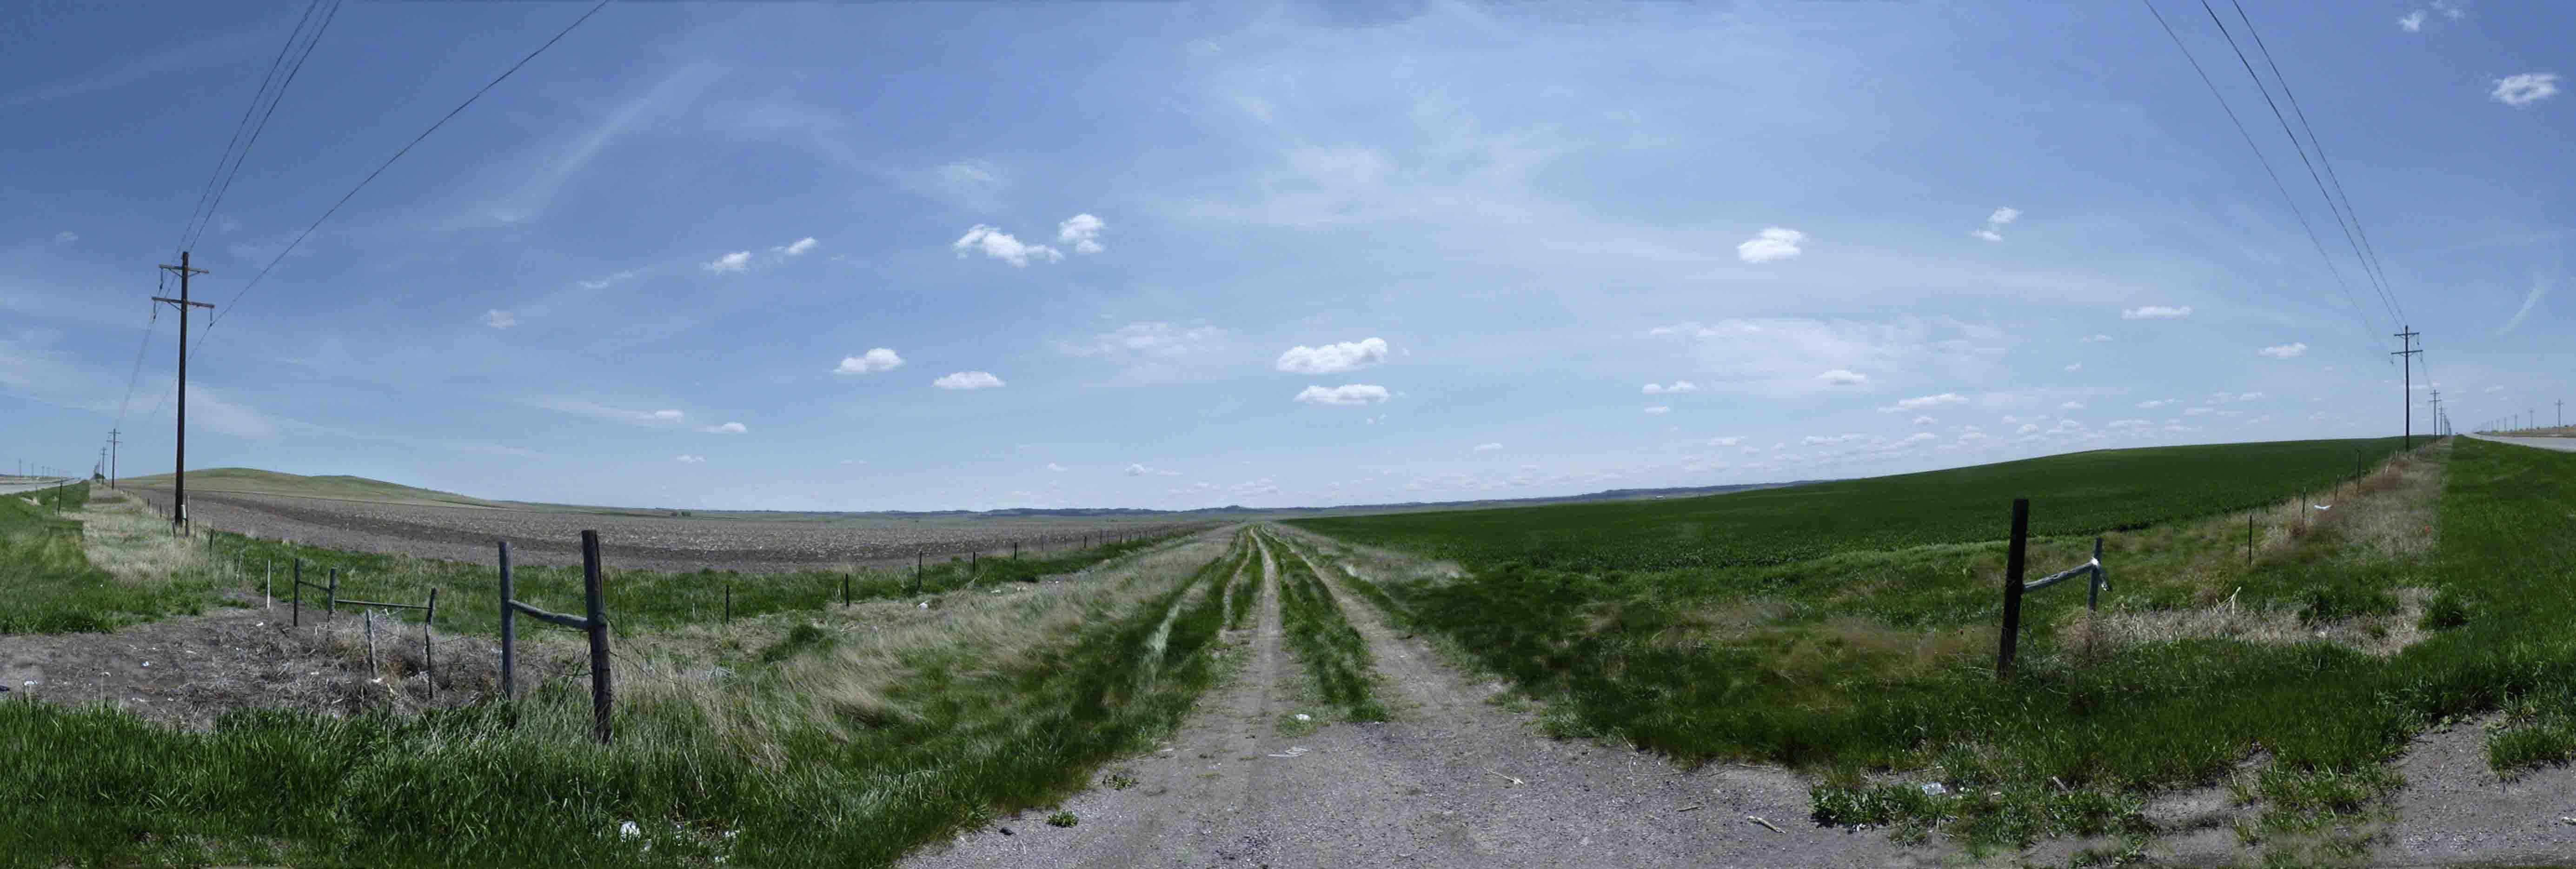 south dakota panorama